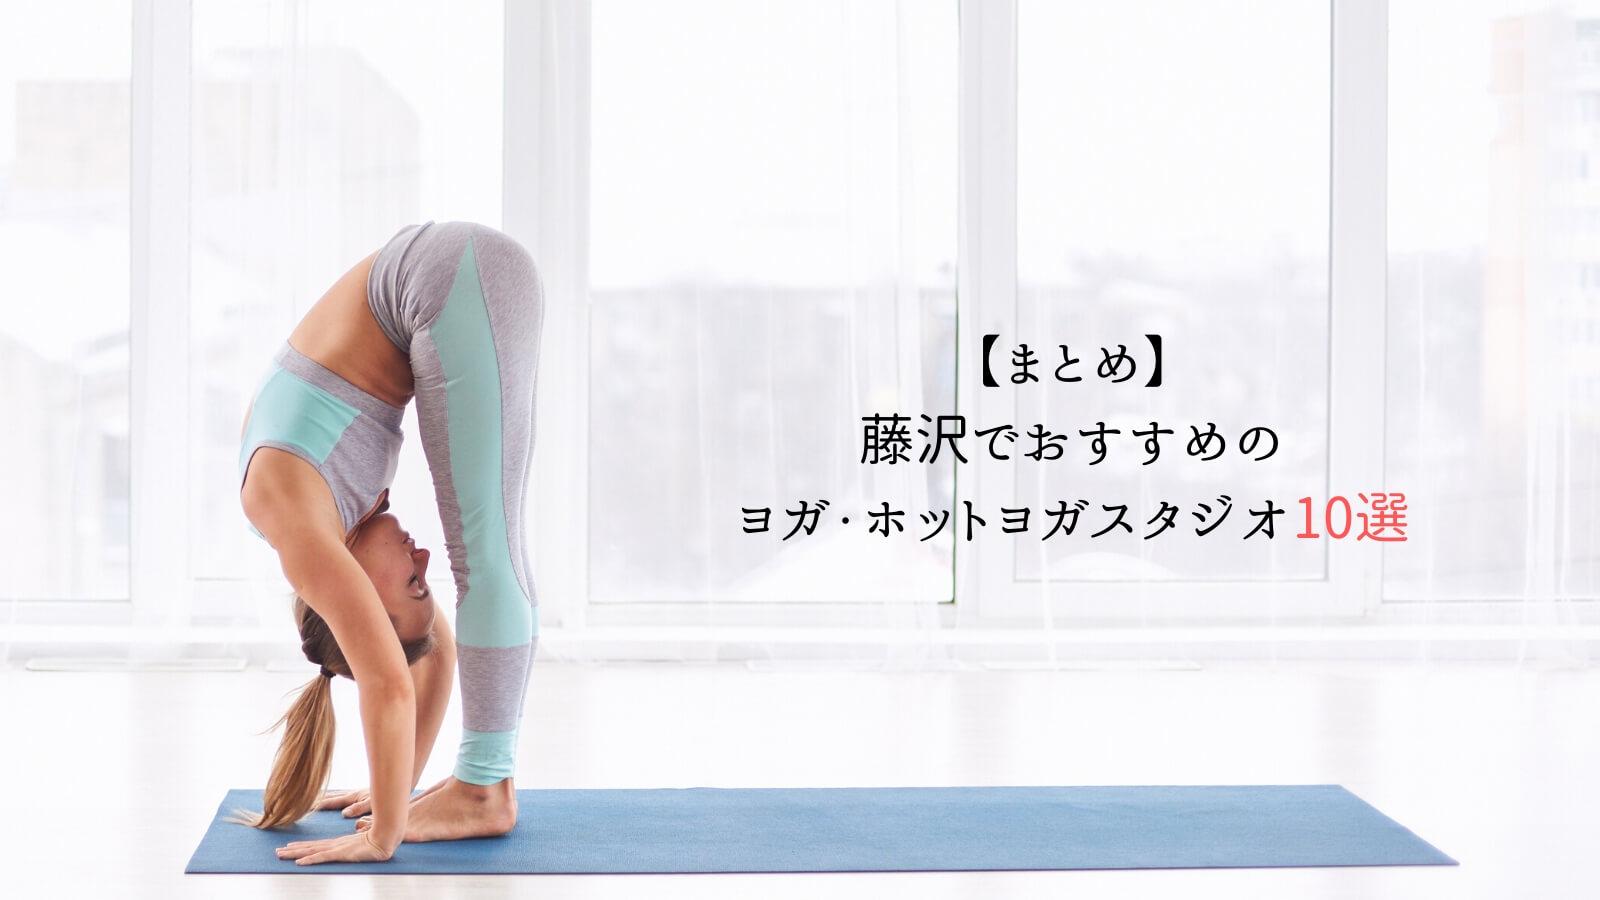 【まとめ】藤沢でおすすめのヨガ・ホットヨガスタジオ10選